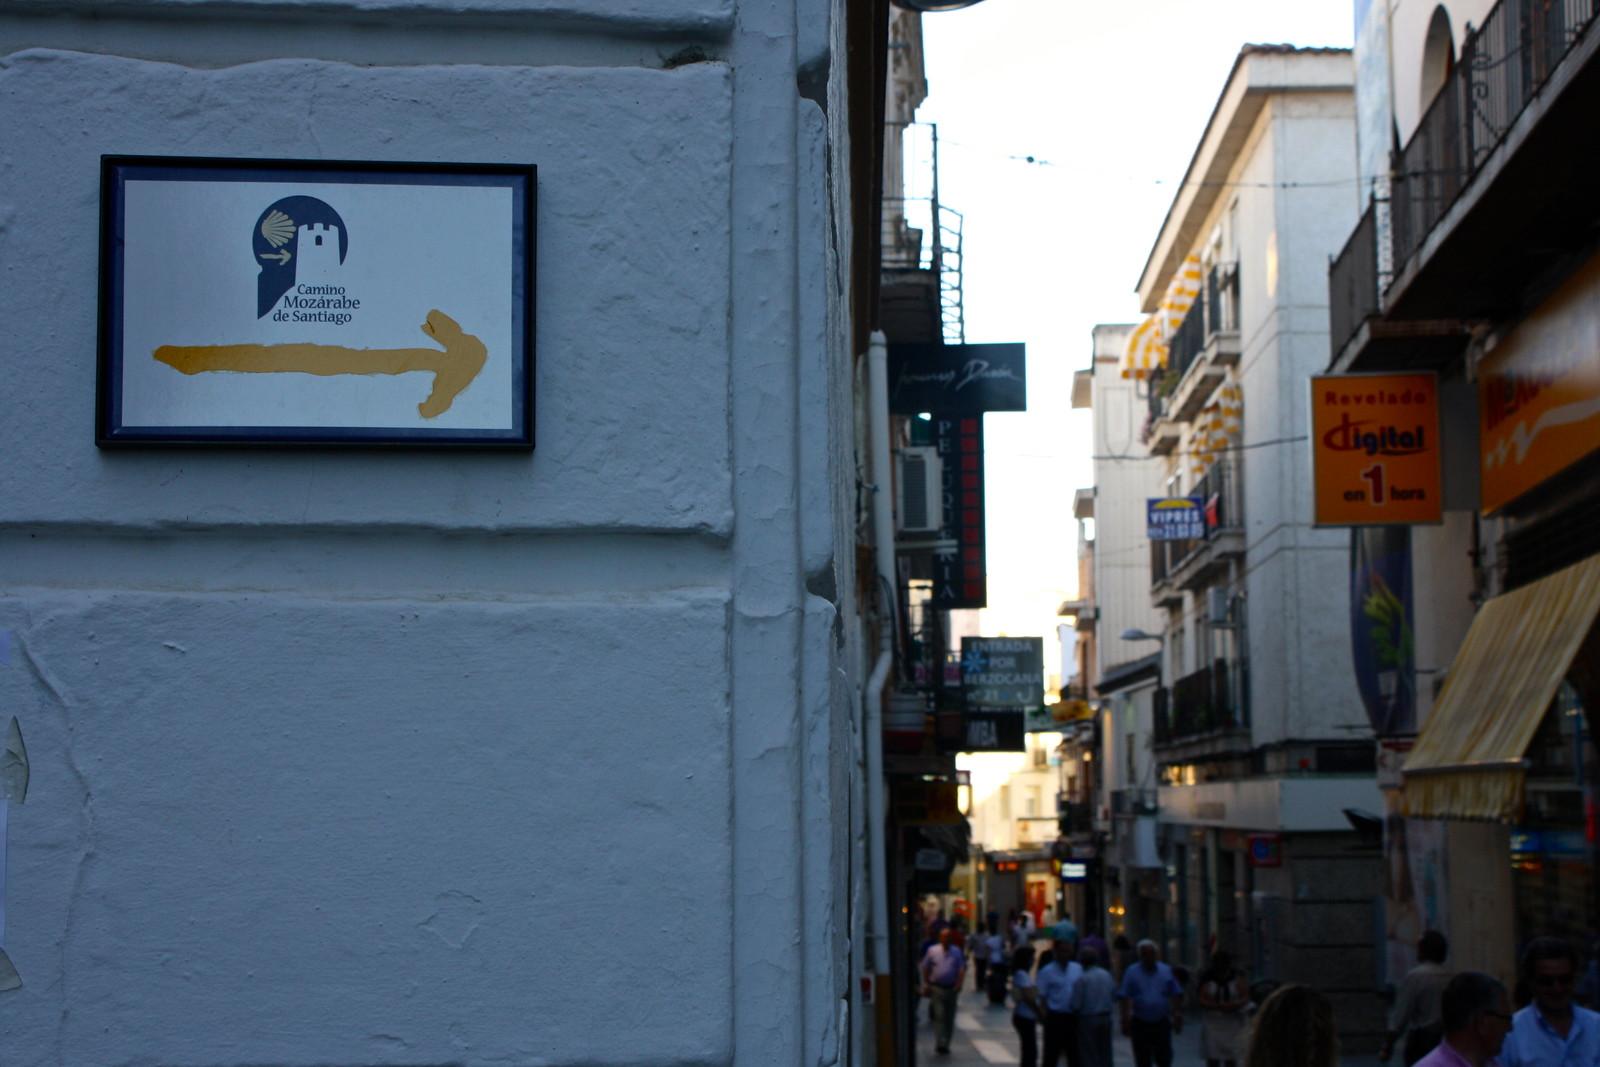 Camino de Santiago in Mérida, Spain